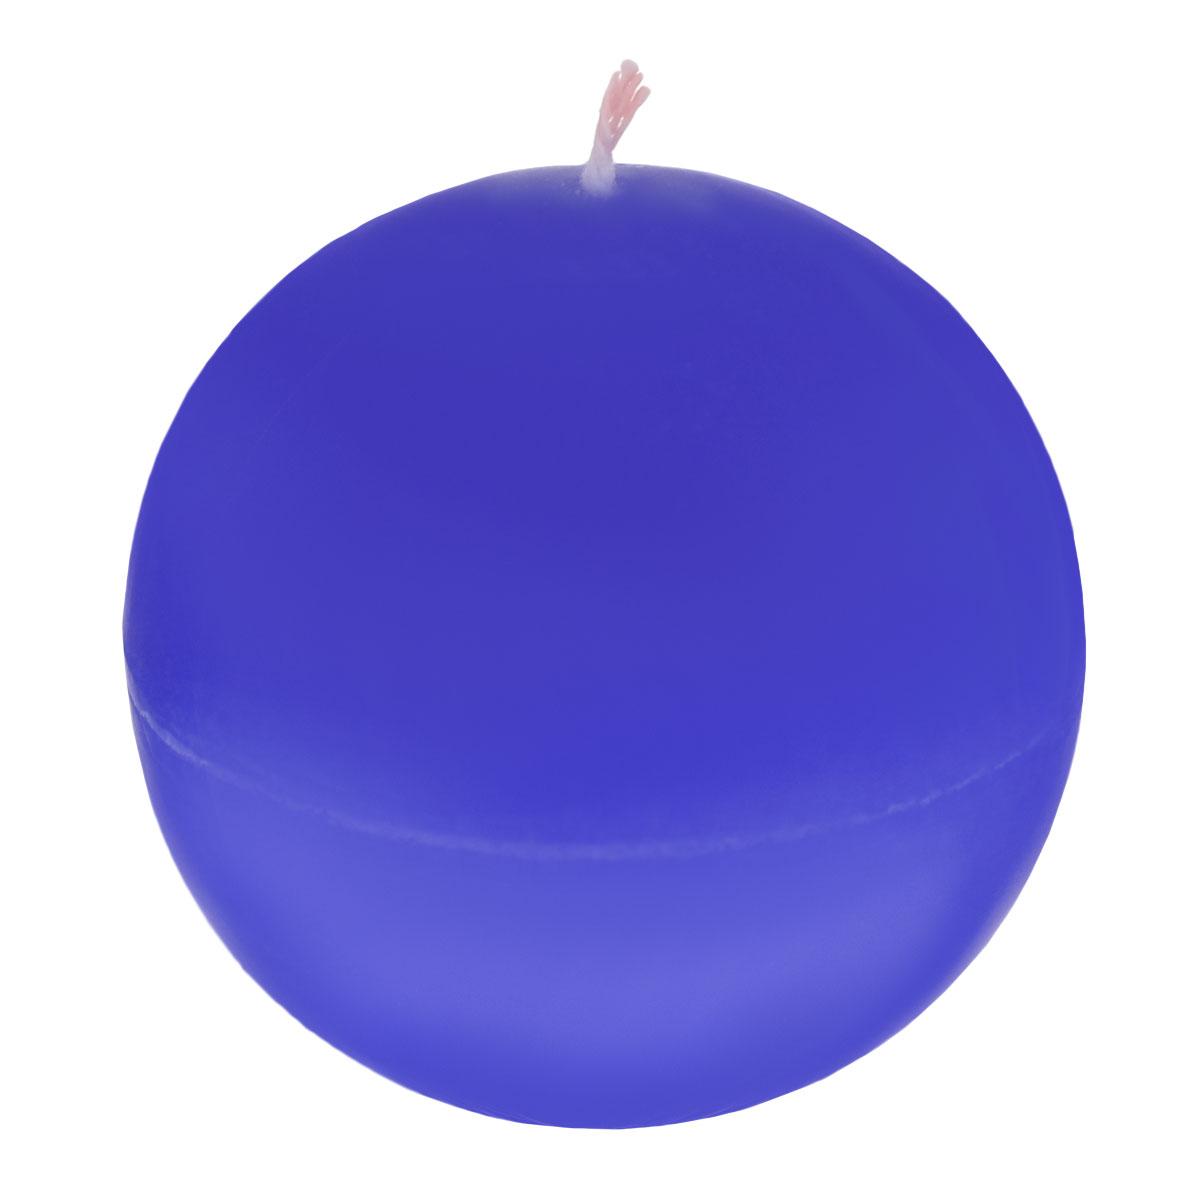 Свеча декоративная Шар, цвет: синий, диаметр 7,5 смPH3453Шарообразная декоративная свеча Proffi Home Шар изготовлена из парафина, стеарина. Предназначена для освещения и украшения помещений. Такая свеча может стать отличным подарком или дополнить интерьер вашей спальни или гостиной.